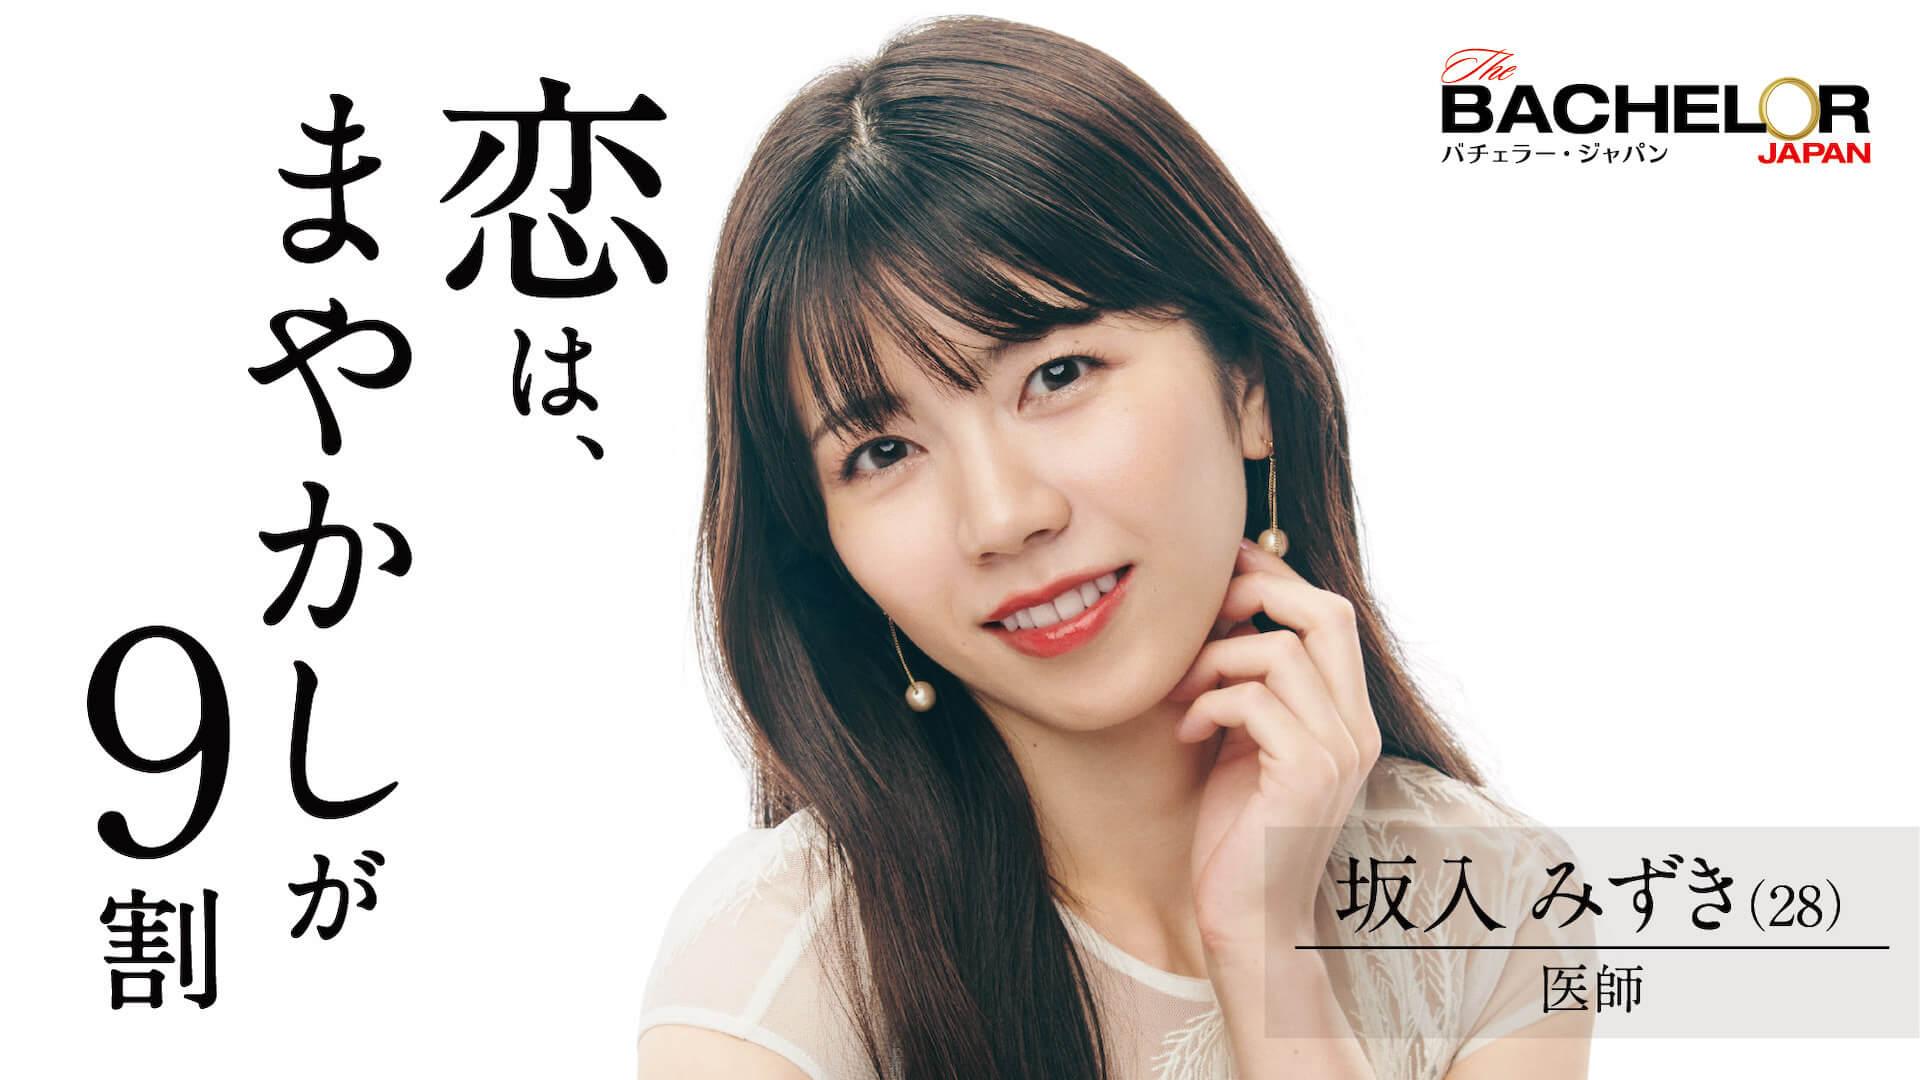 モデル、レディ・ユニバース2020日本代表、医者、経営者など続々登場!『バチェラー・ジャパン』シーズン4の女性参加者15名が一挙発表 art211007_bacelorjapan_10